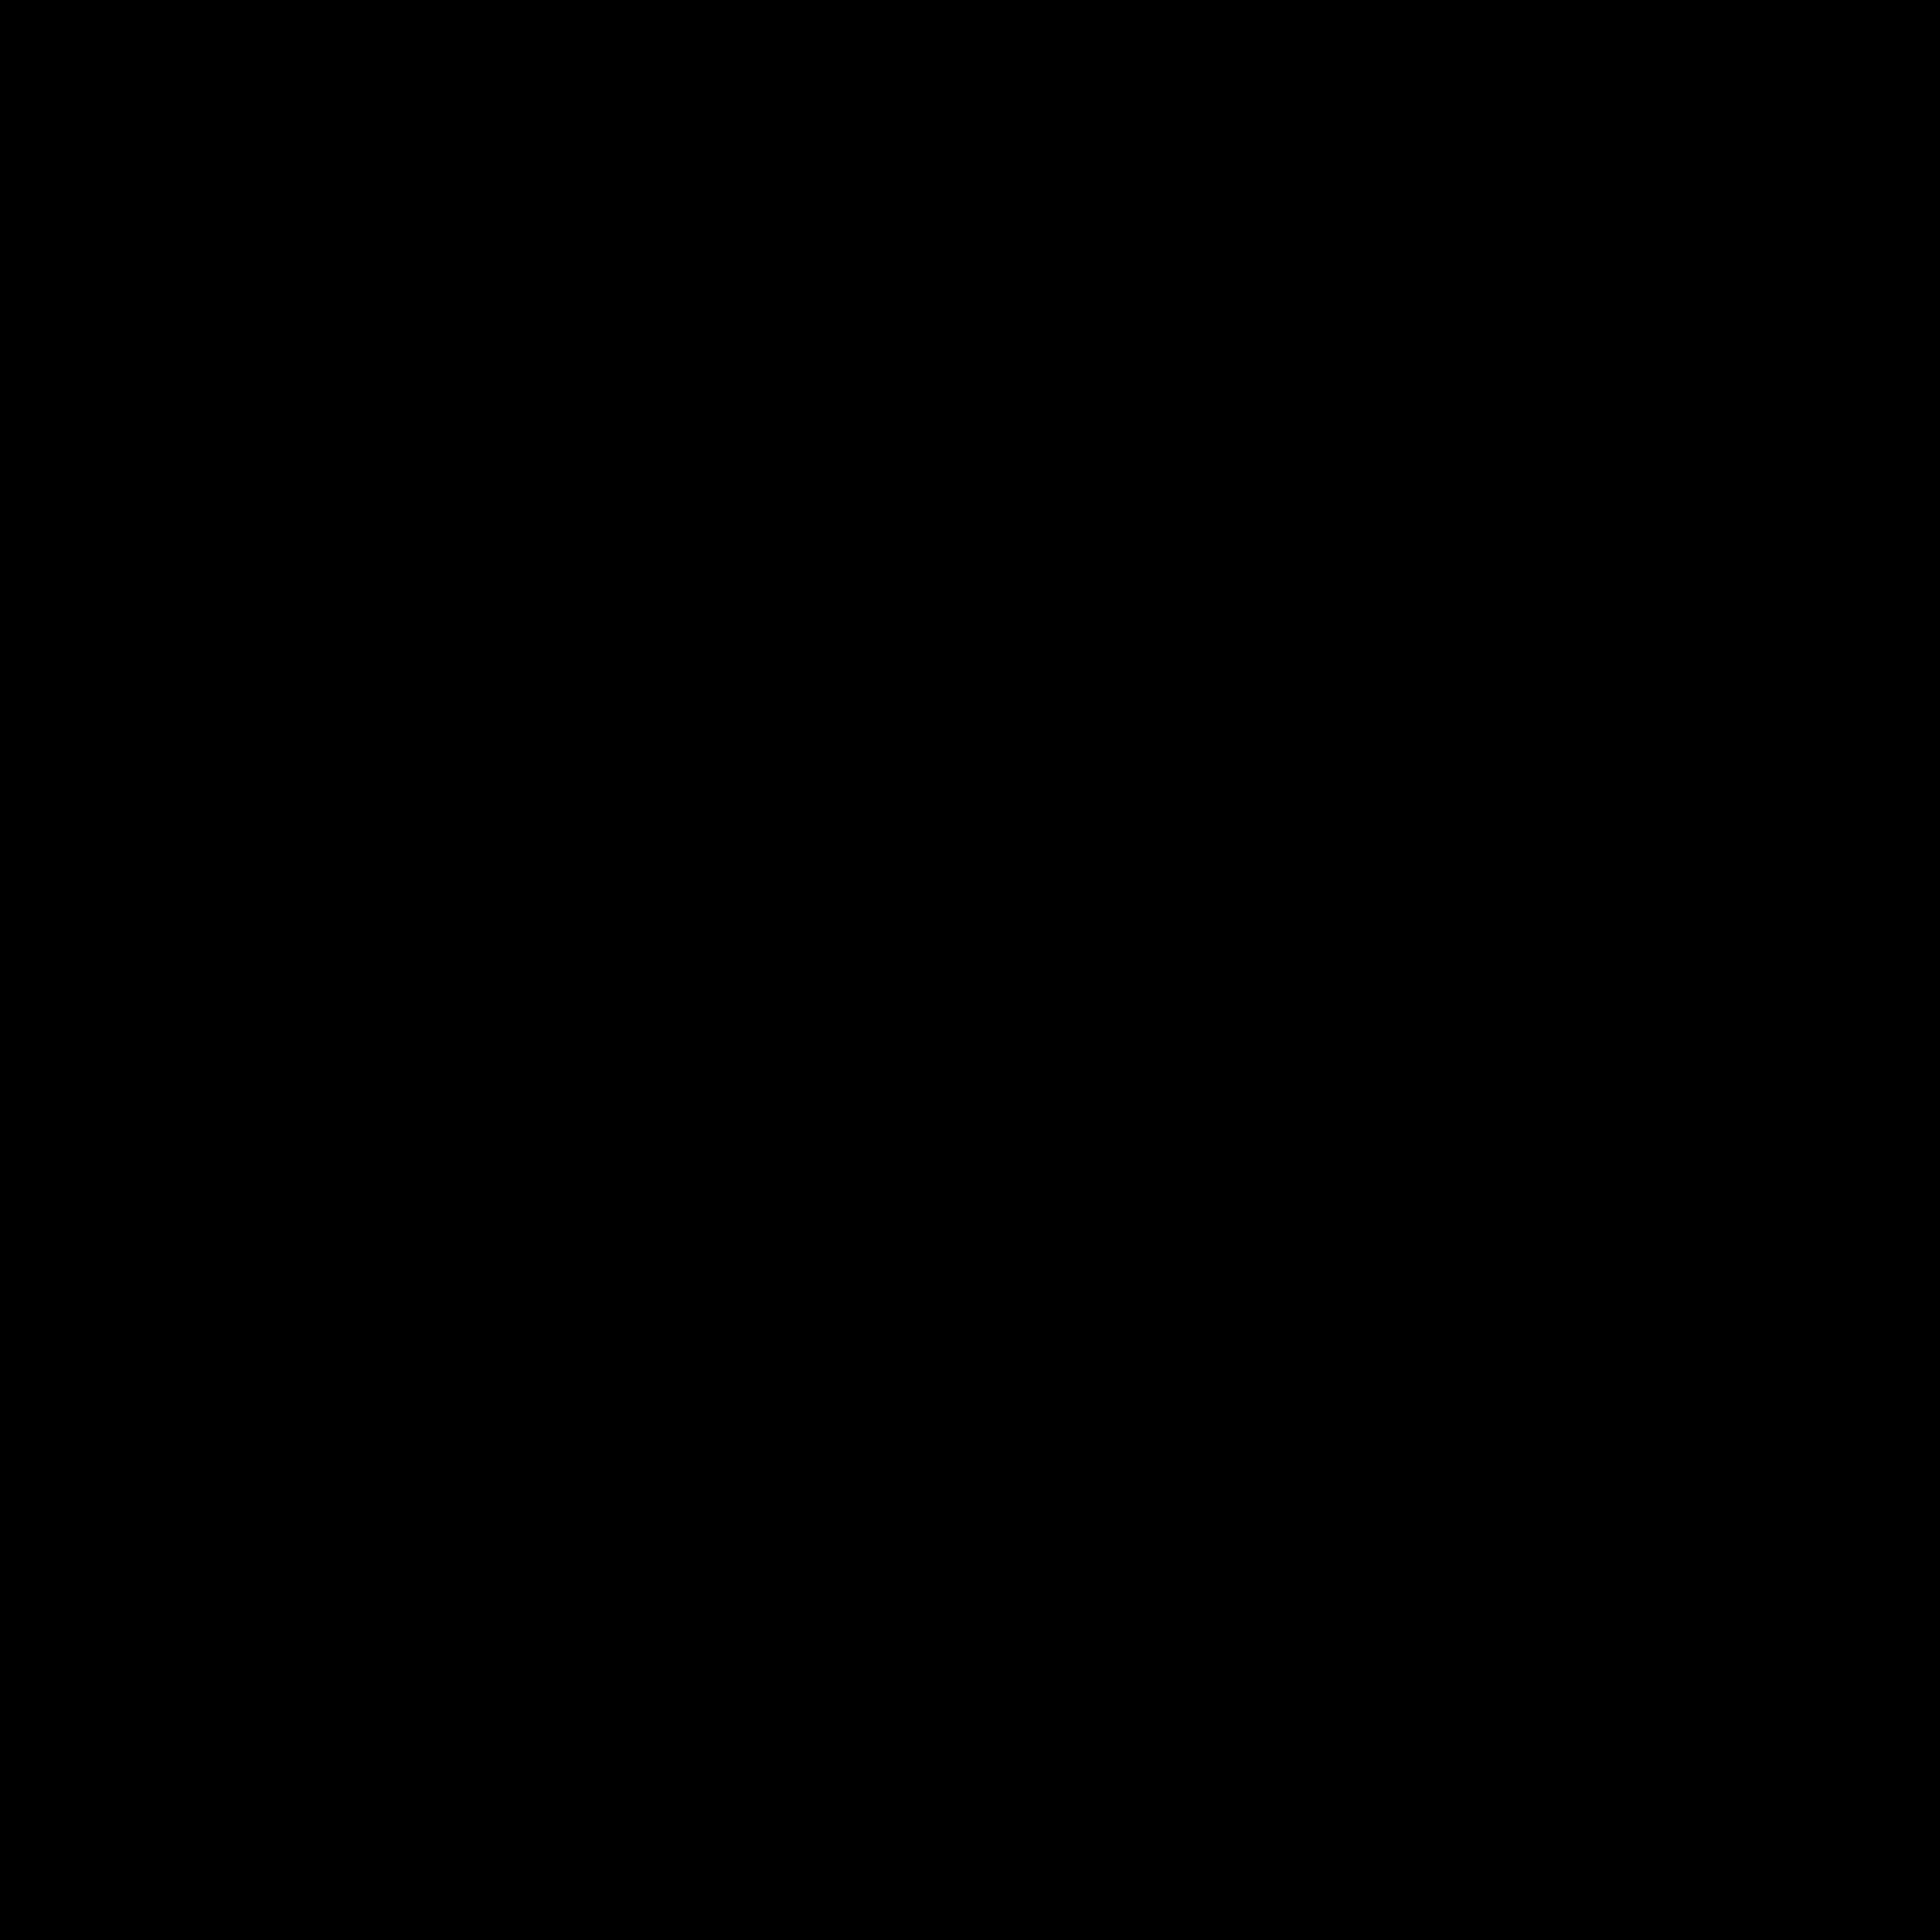 AOUD ORCHID. Eau de Parfum (60ml)